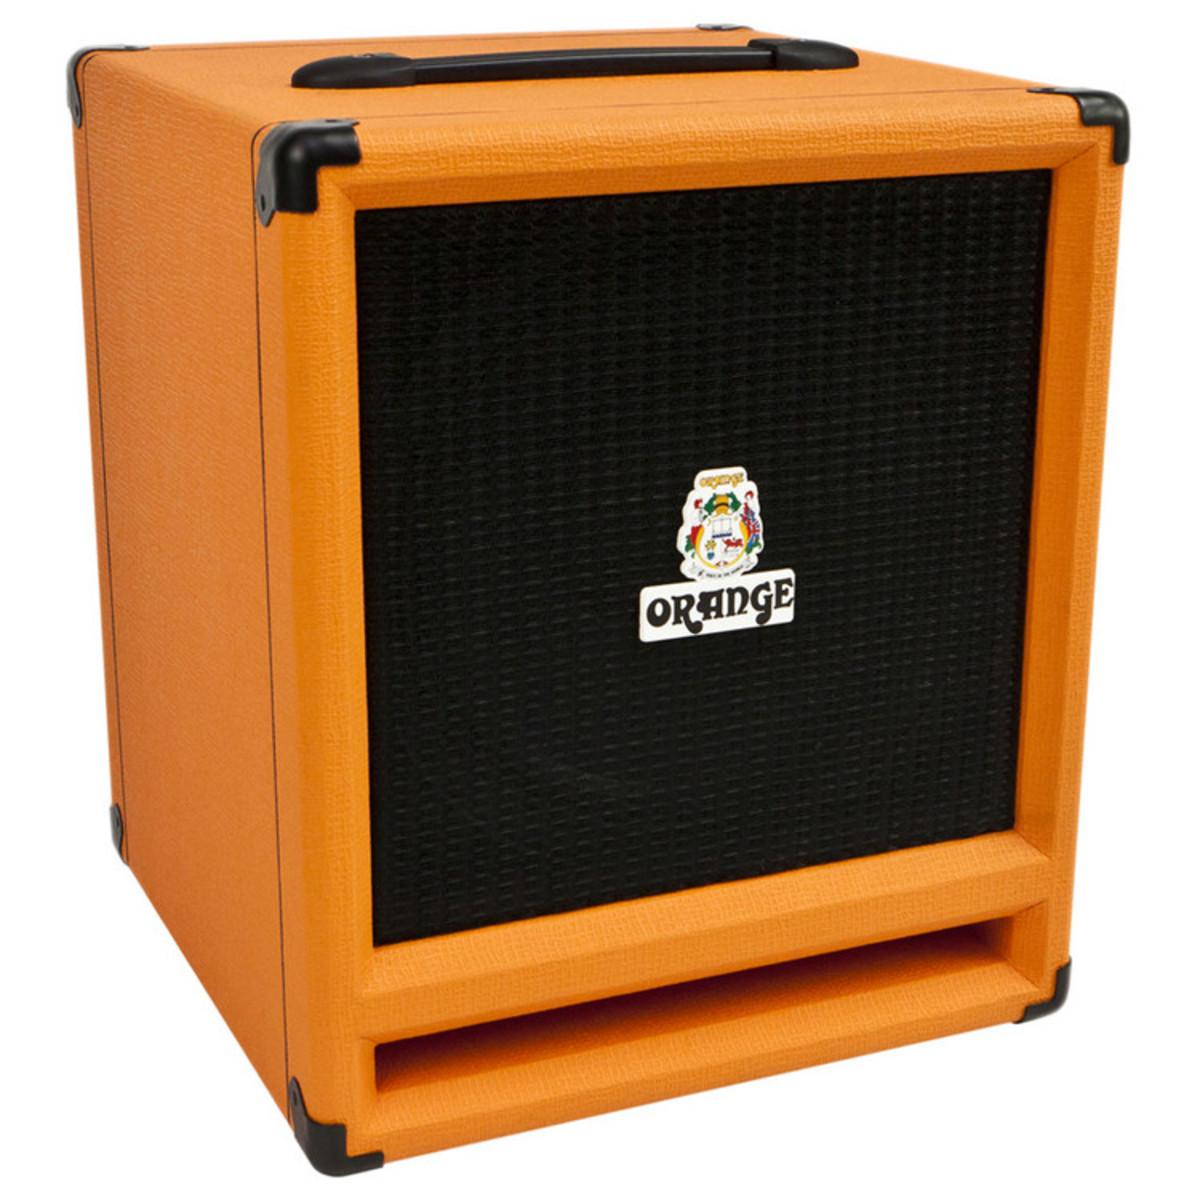 disc orange smart power sp212 bass guitar speaker cabinet at. Black Bedroom Furniture Sets. Home Design Ideas